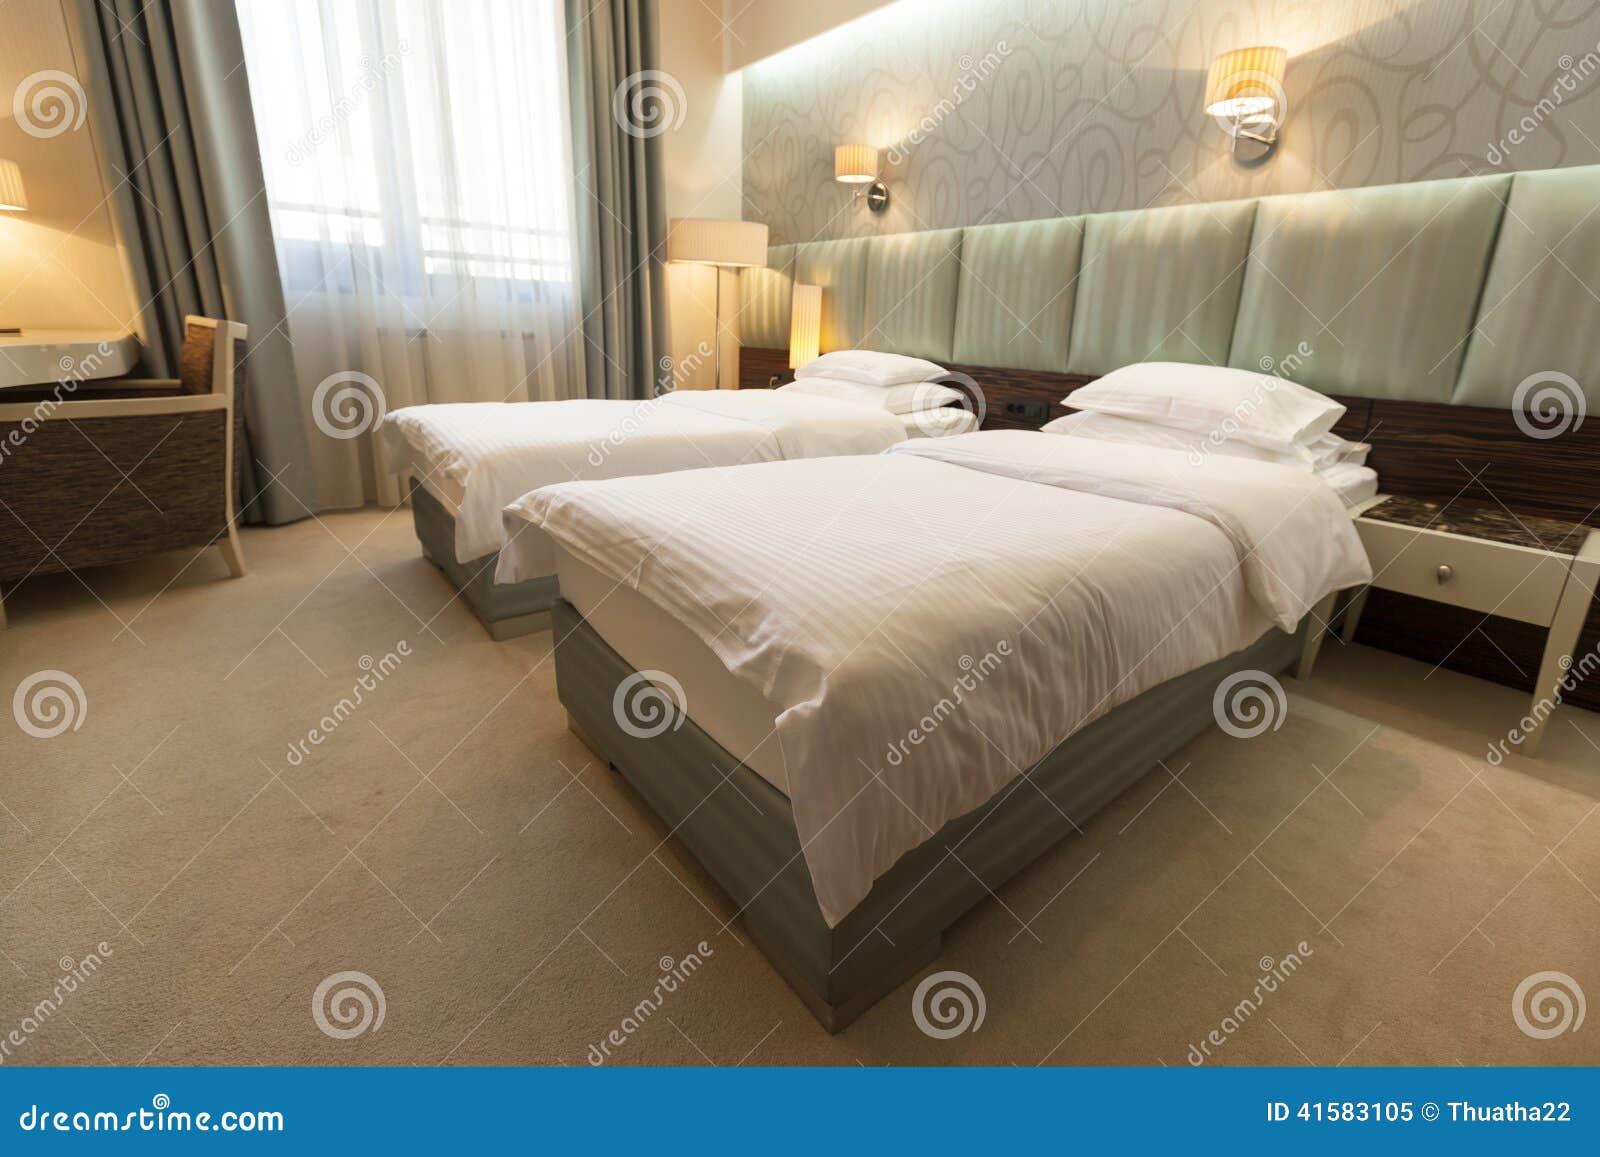 Int rieur de chambre coucher de double lit photo stock for Interieur de chambre a coucher